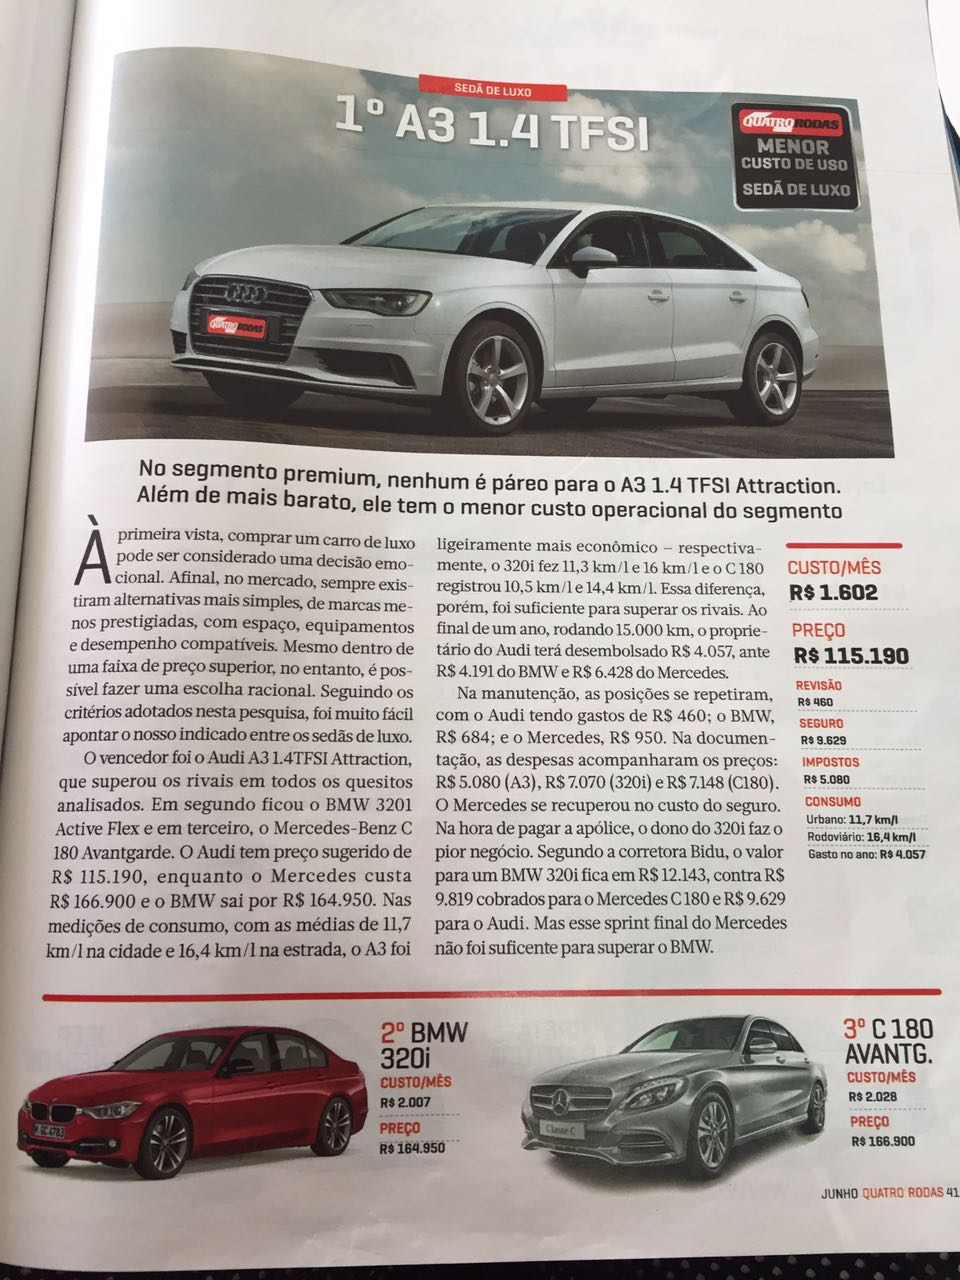 Audi A3 Sedan é apontado como automóvel Premium com o menor custo de uso